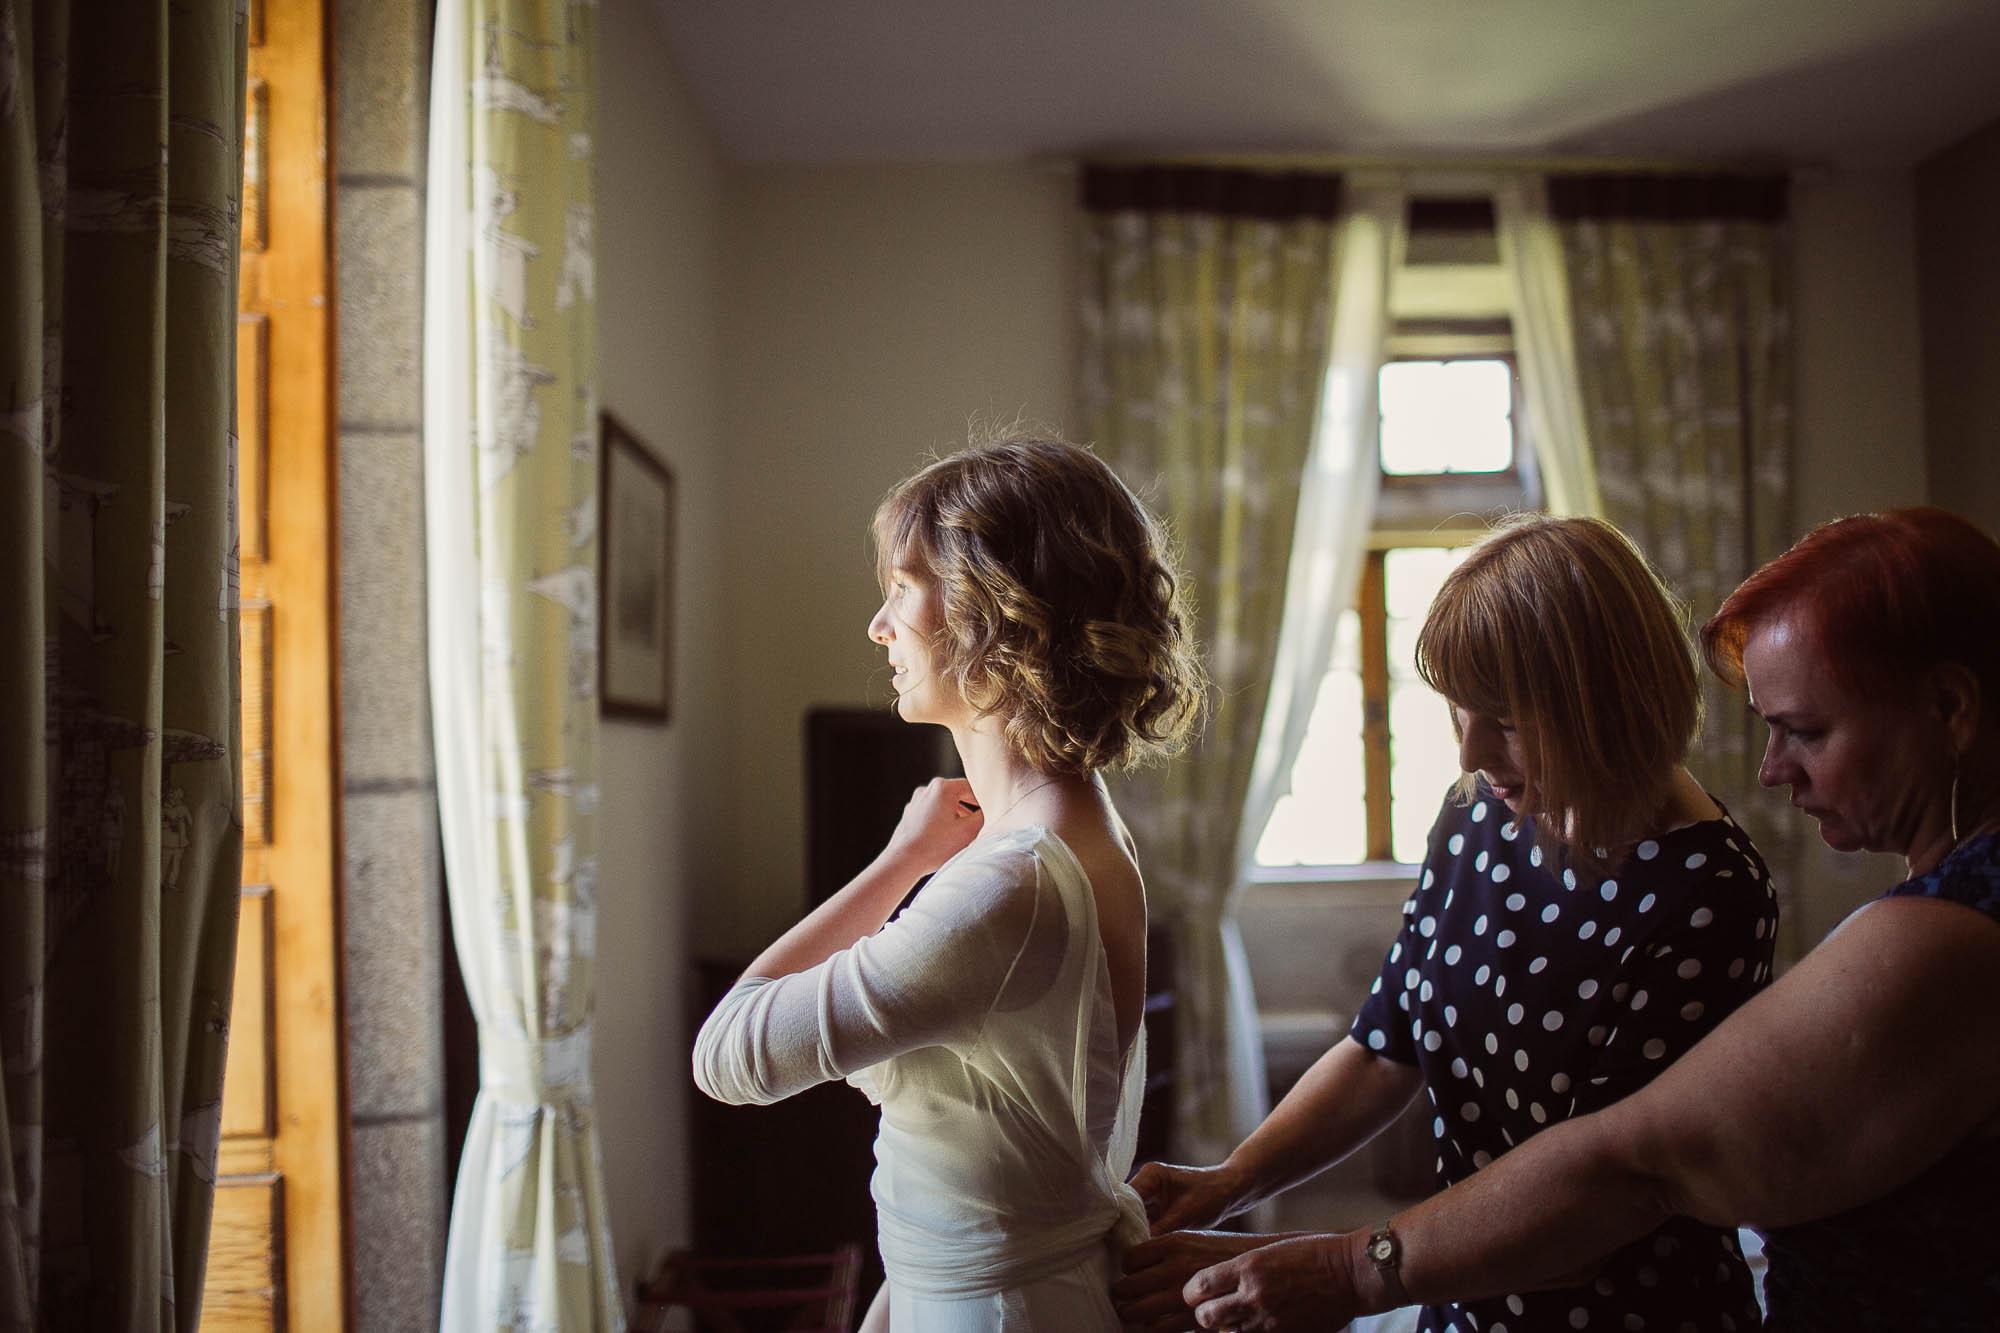 La madre de la novia y una amiga arreglando los últimos detalles del vestido frente a una ventana